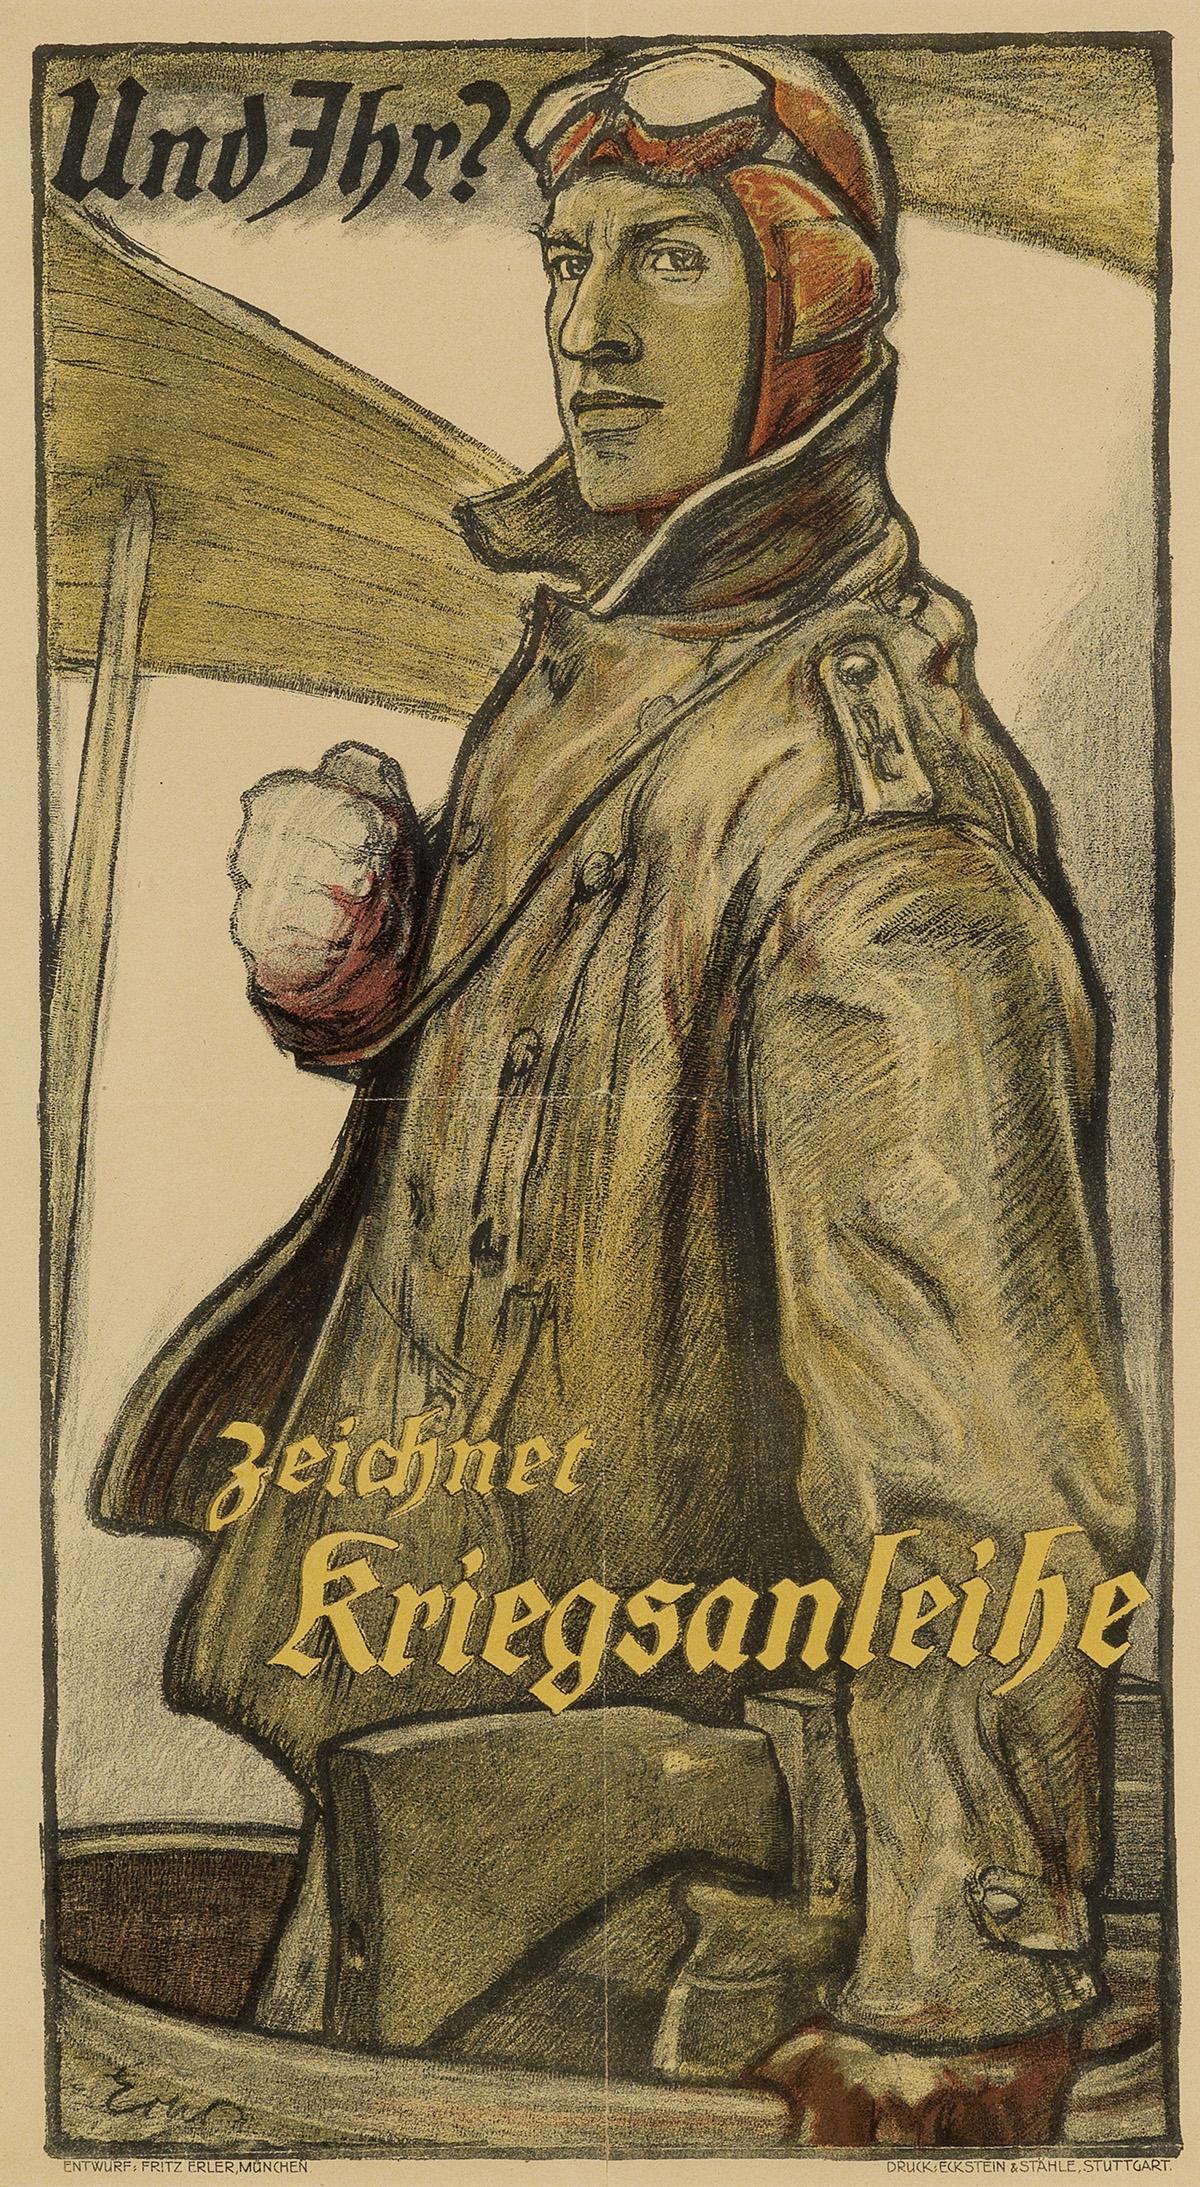 FRITZ ERLER (1868-1940). UND IHR? / ZEICHNET KRIEGSANLEIHE. Circa 1917. 21x12 inches, 55x30 cm. Eckstein & Stahle, Stuttgart.